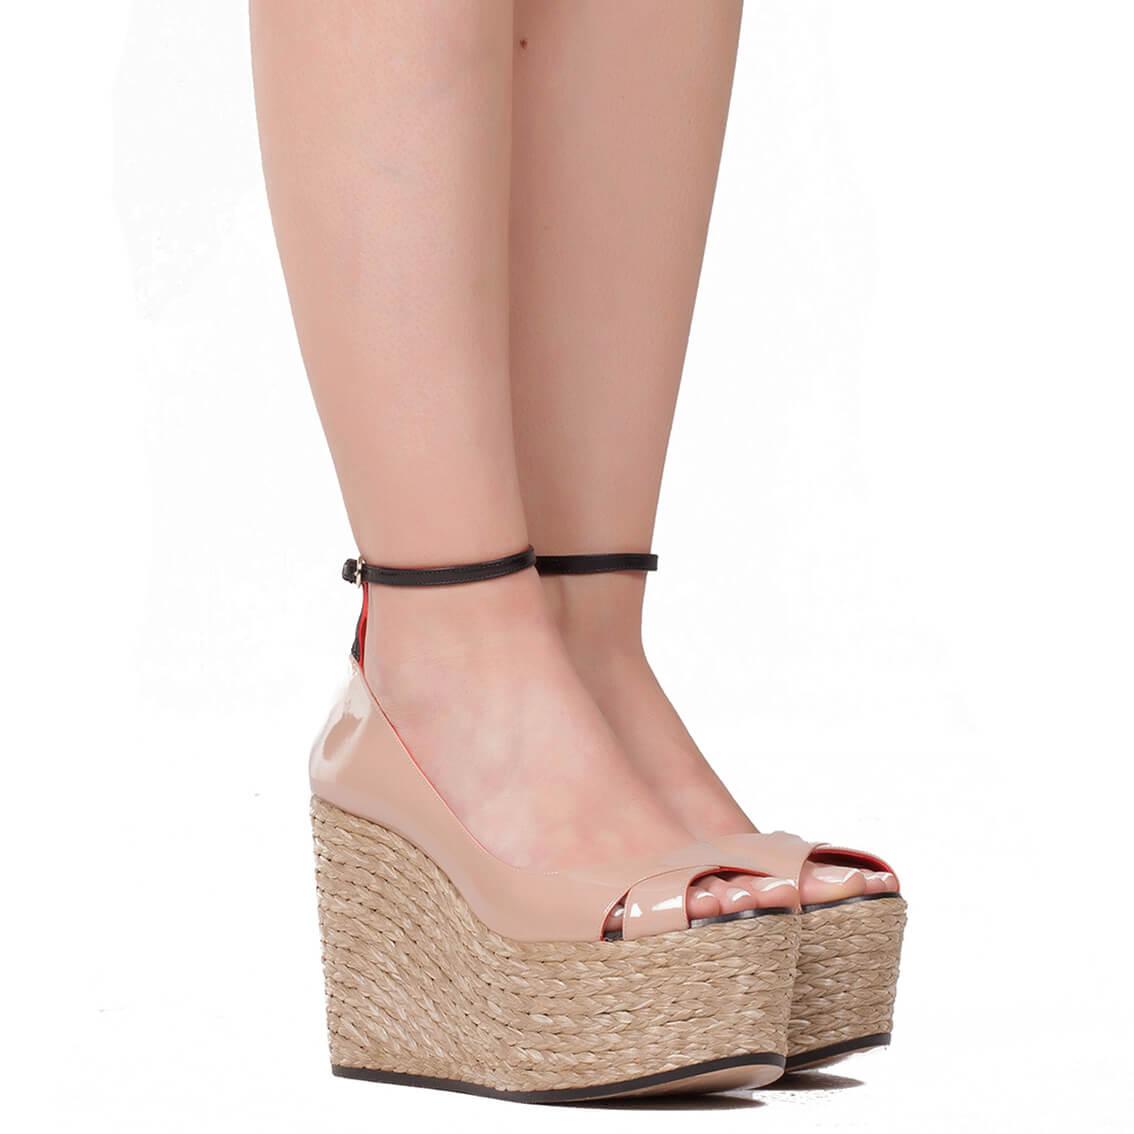 8wdqrxfr Tienda De Nude Pura Sandalia López En Cuña Charol Zapatos wOk80PXn